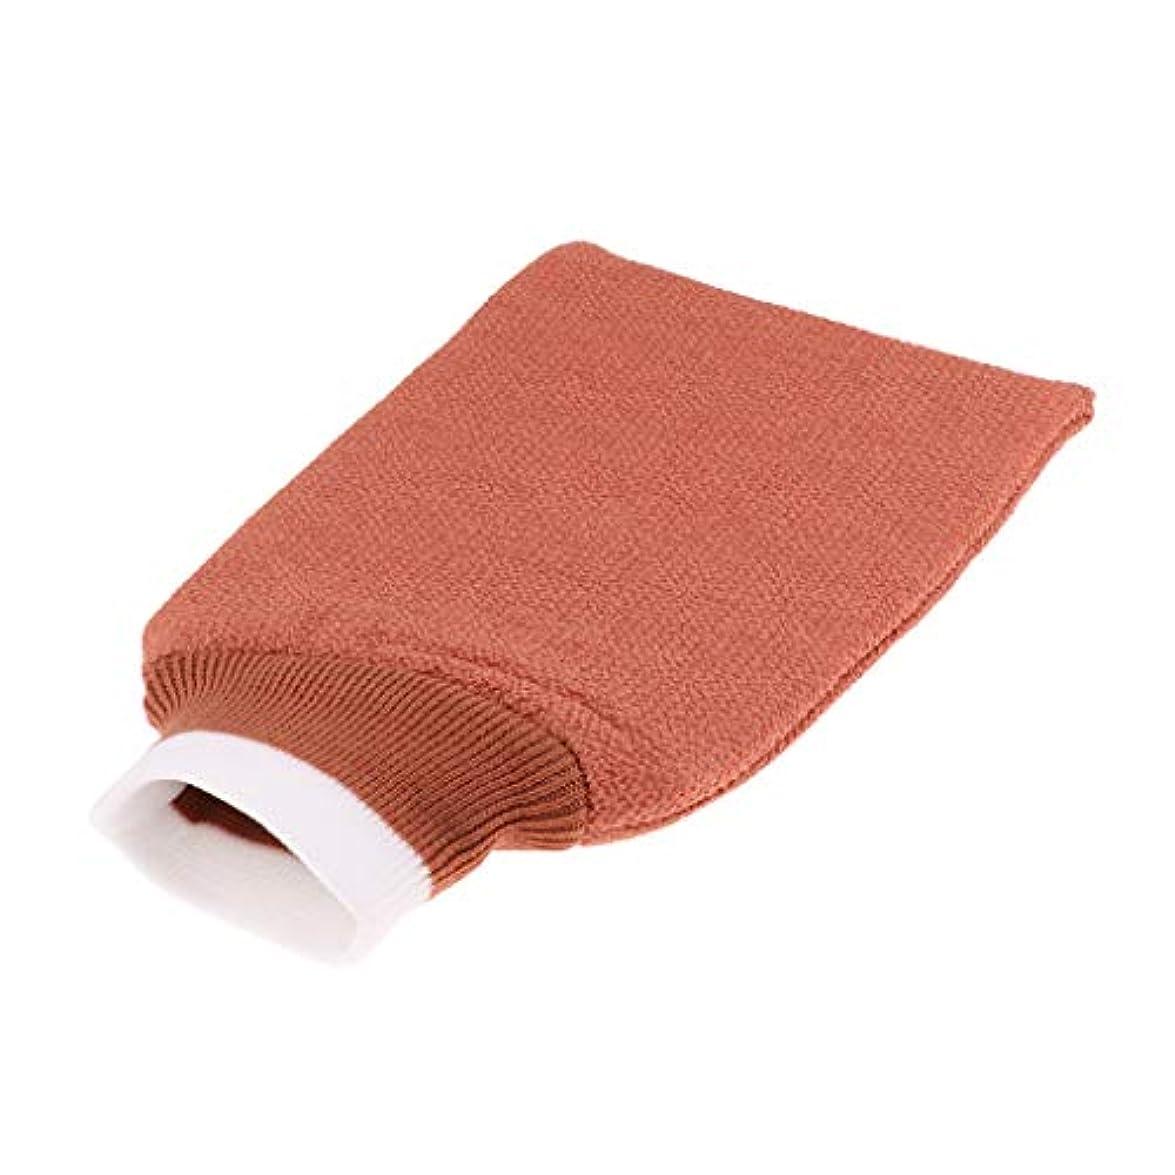 促進するバリケードオセアニアバスグローブ 浴用手袋 シャワー用 バスミット 垢すり手袋 毛穴清潔 角質除去 男女兼用 全3色 - シャンパン